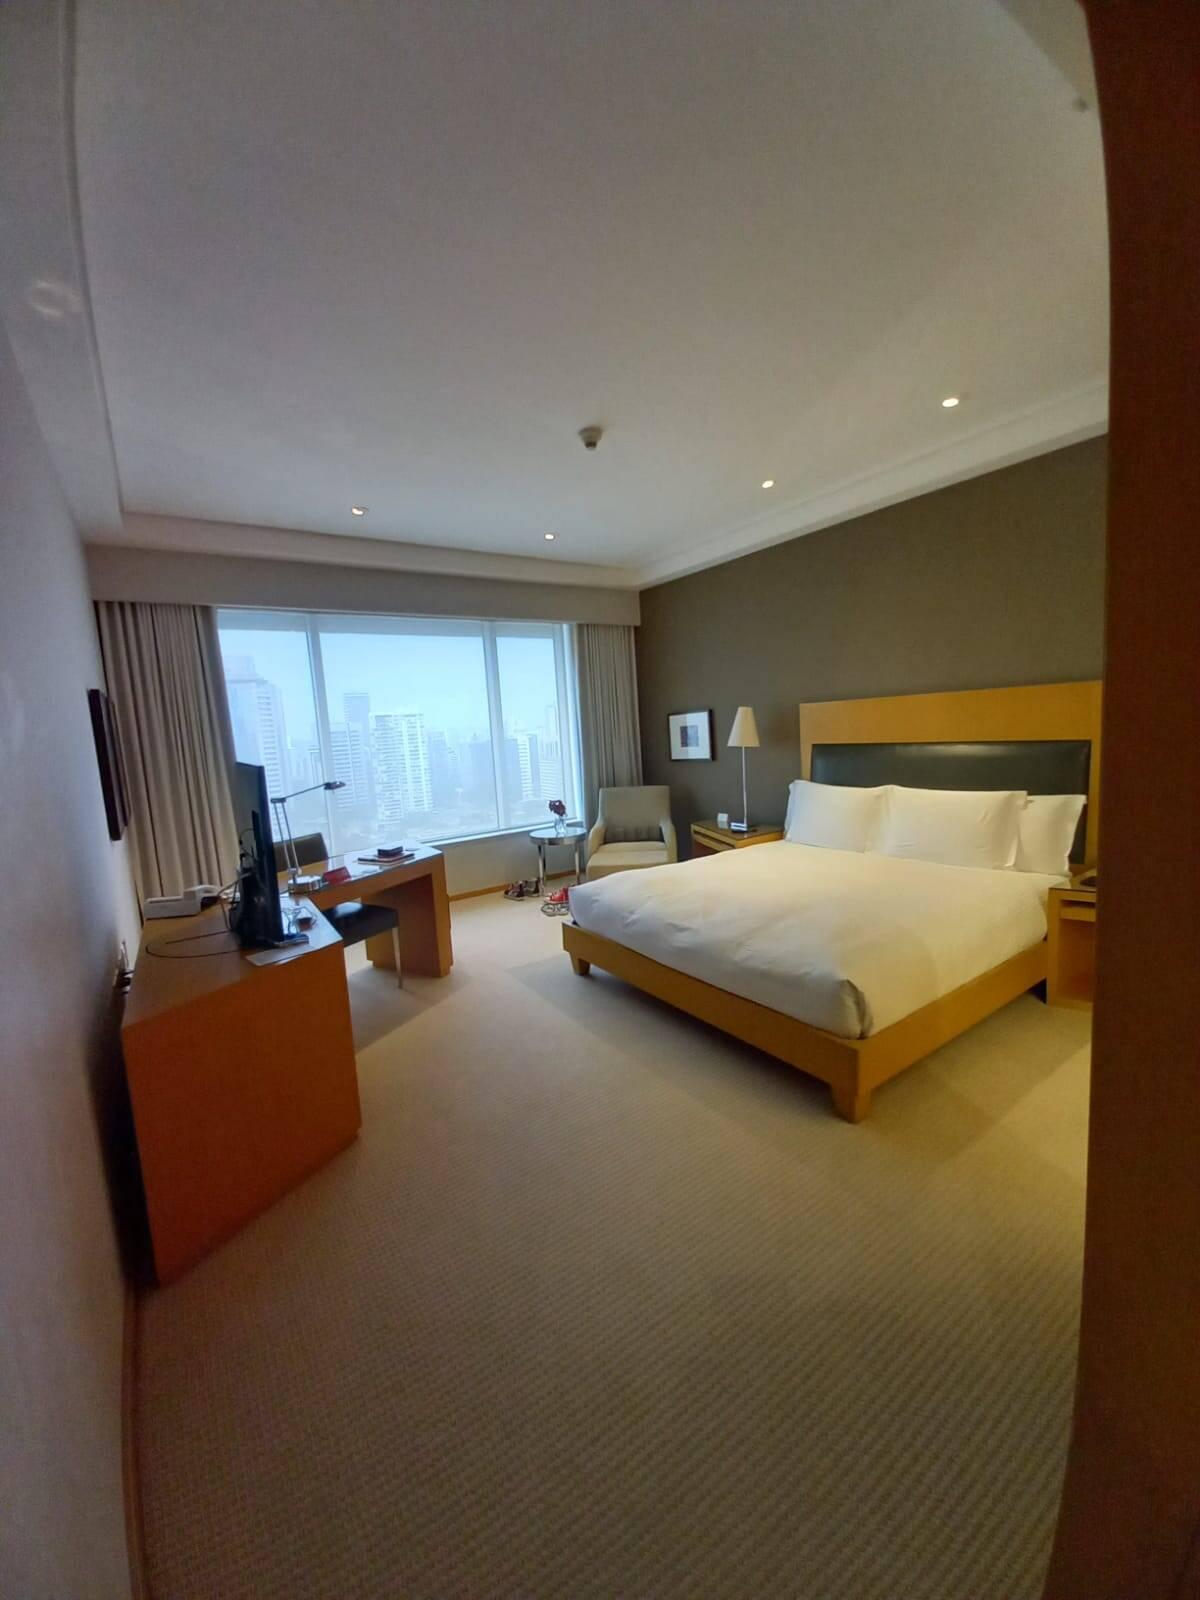 O espaçoso quarto conta com cama king size. Foto: Portal iG/Camila Cetrone